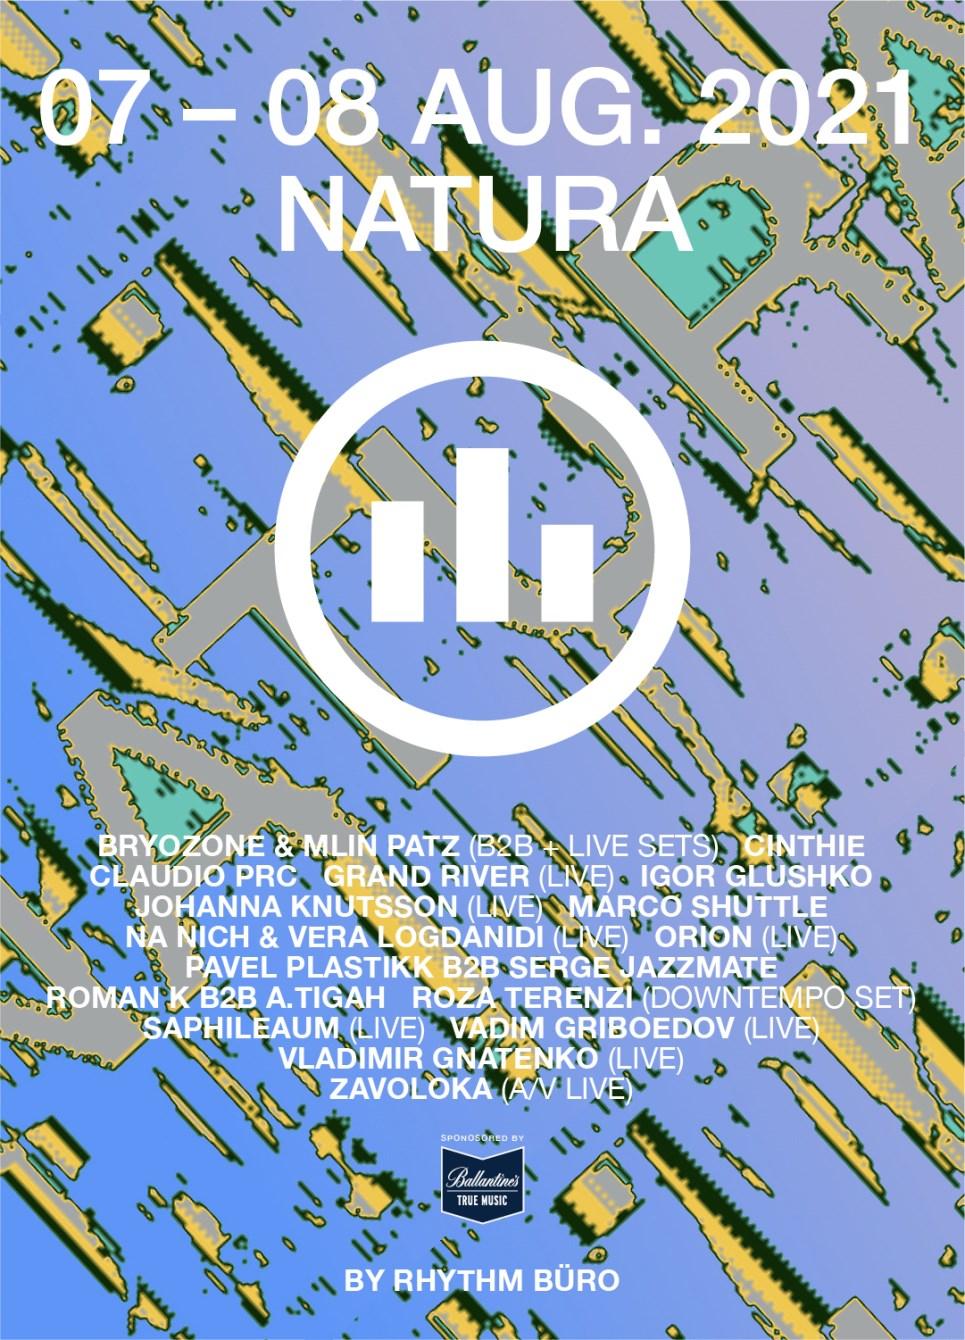 Rhythm Büro: Natura 2021 - Flyer front